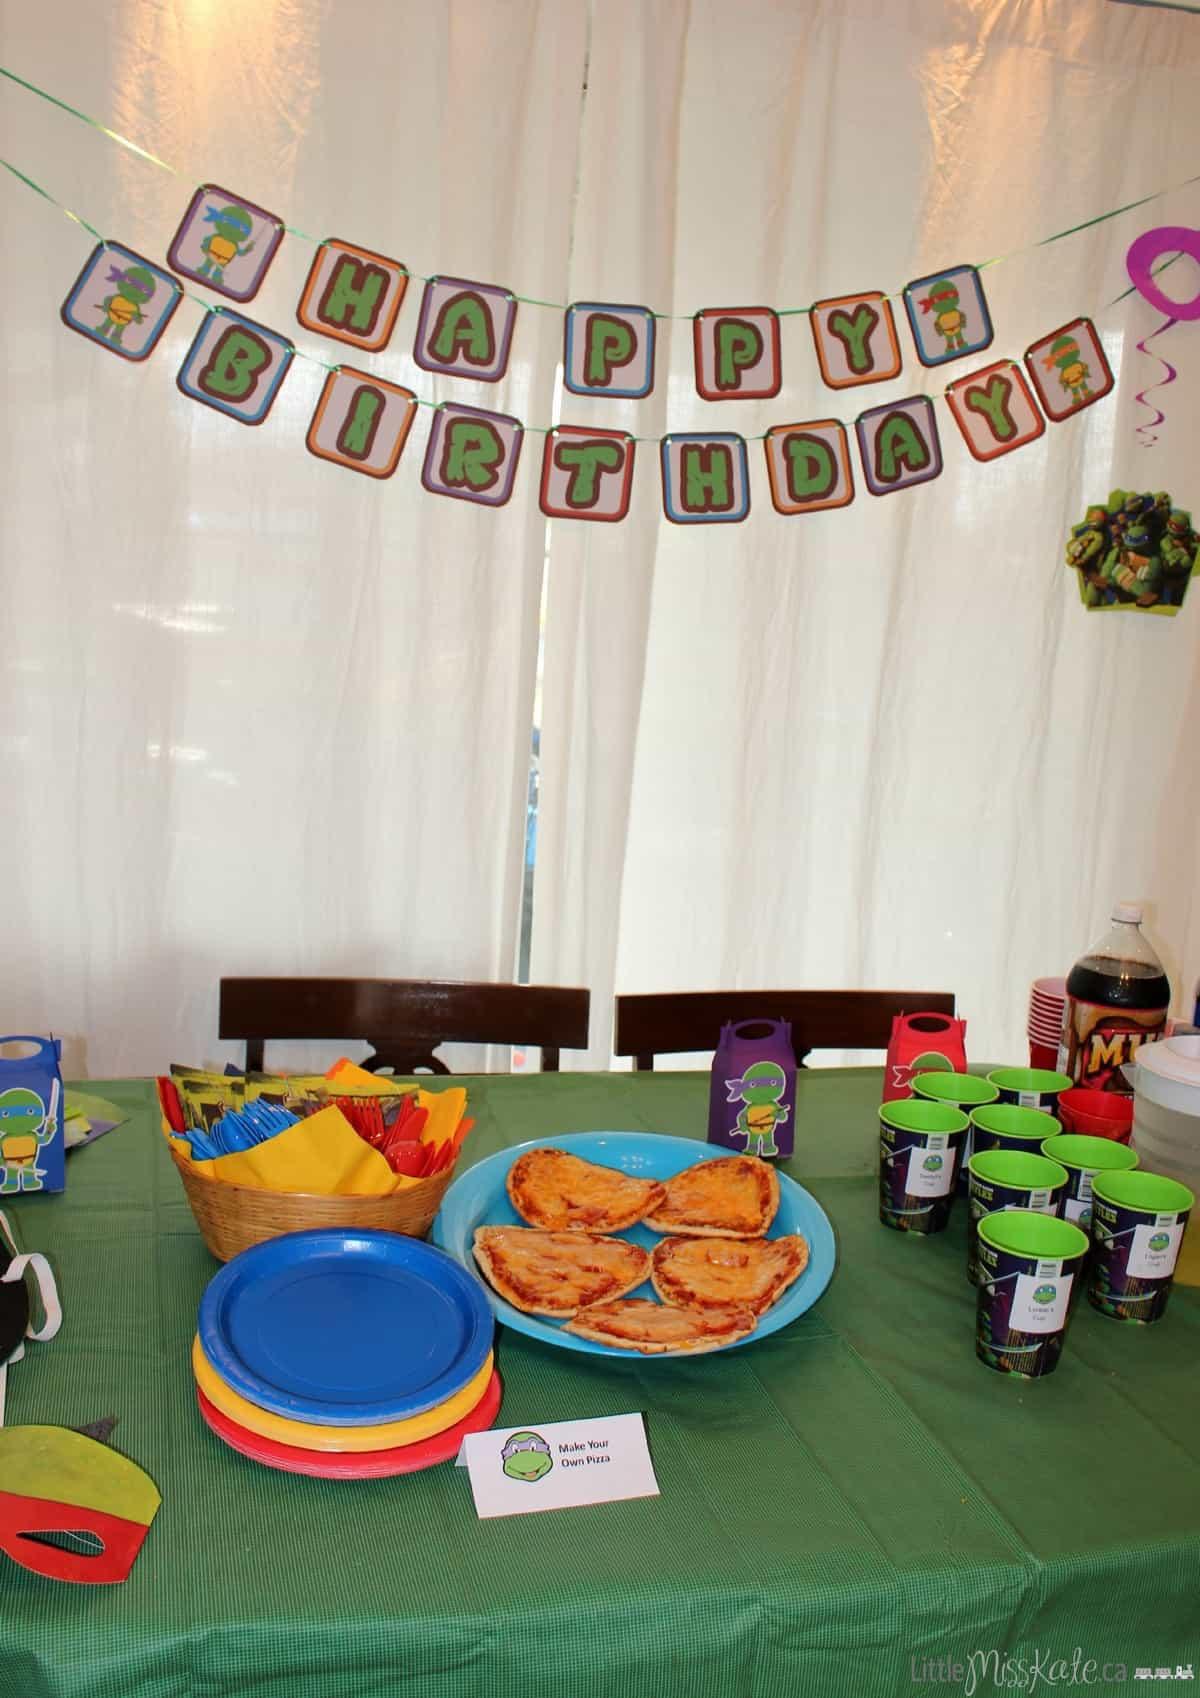 Ninja Turtles Birthday Party Food Ideas  Teenage Mutant Ninja Turtle Inspired Birthday Party Food